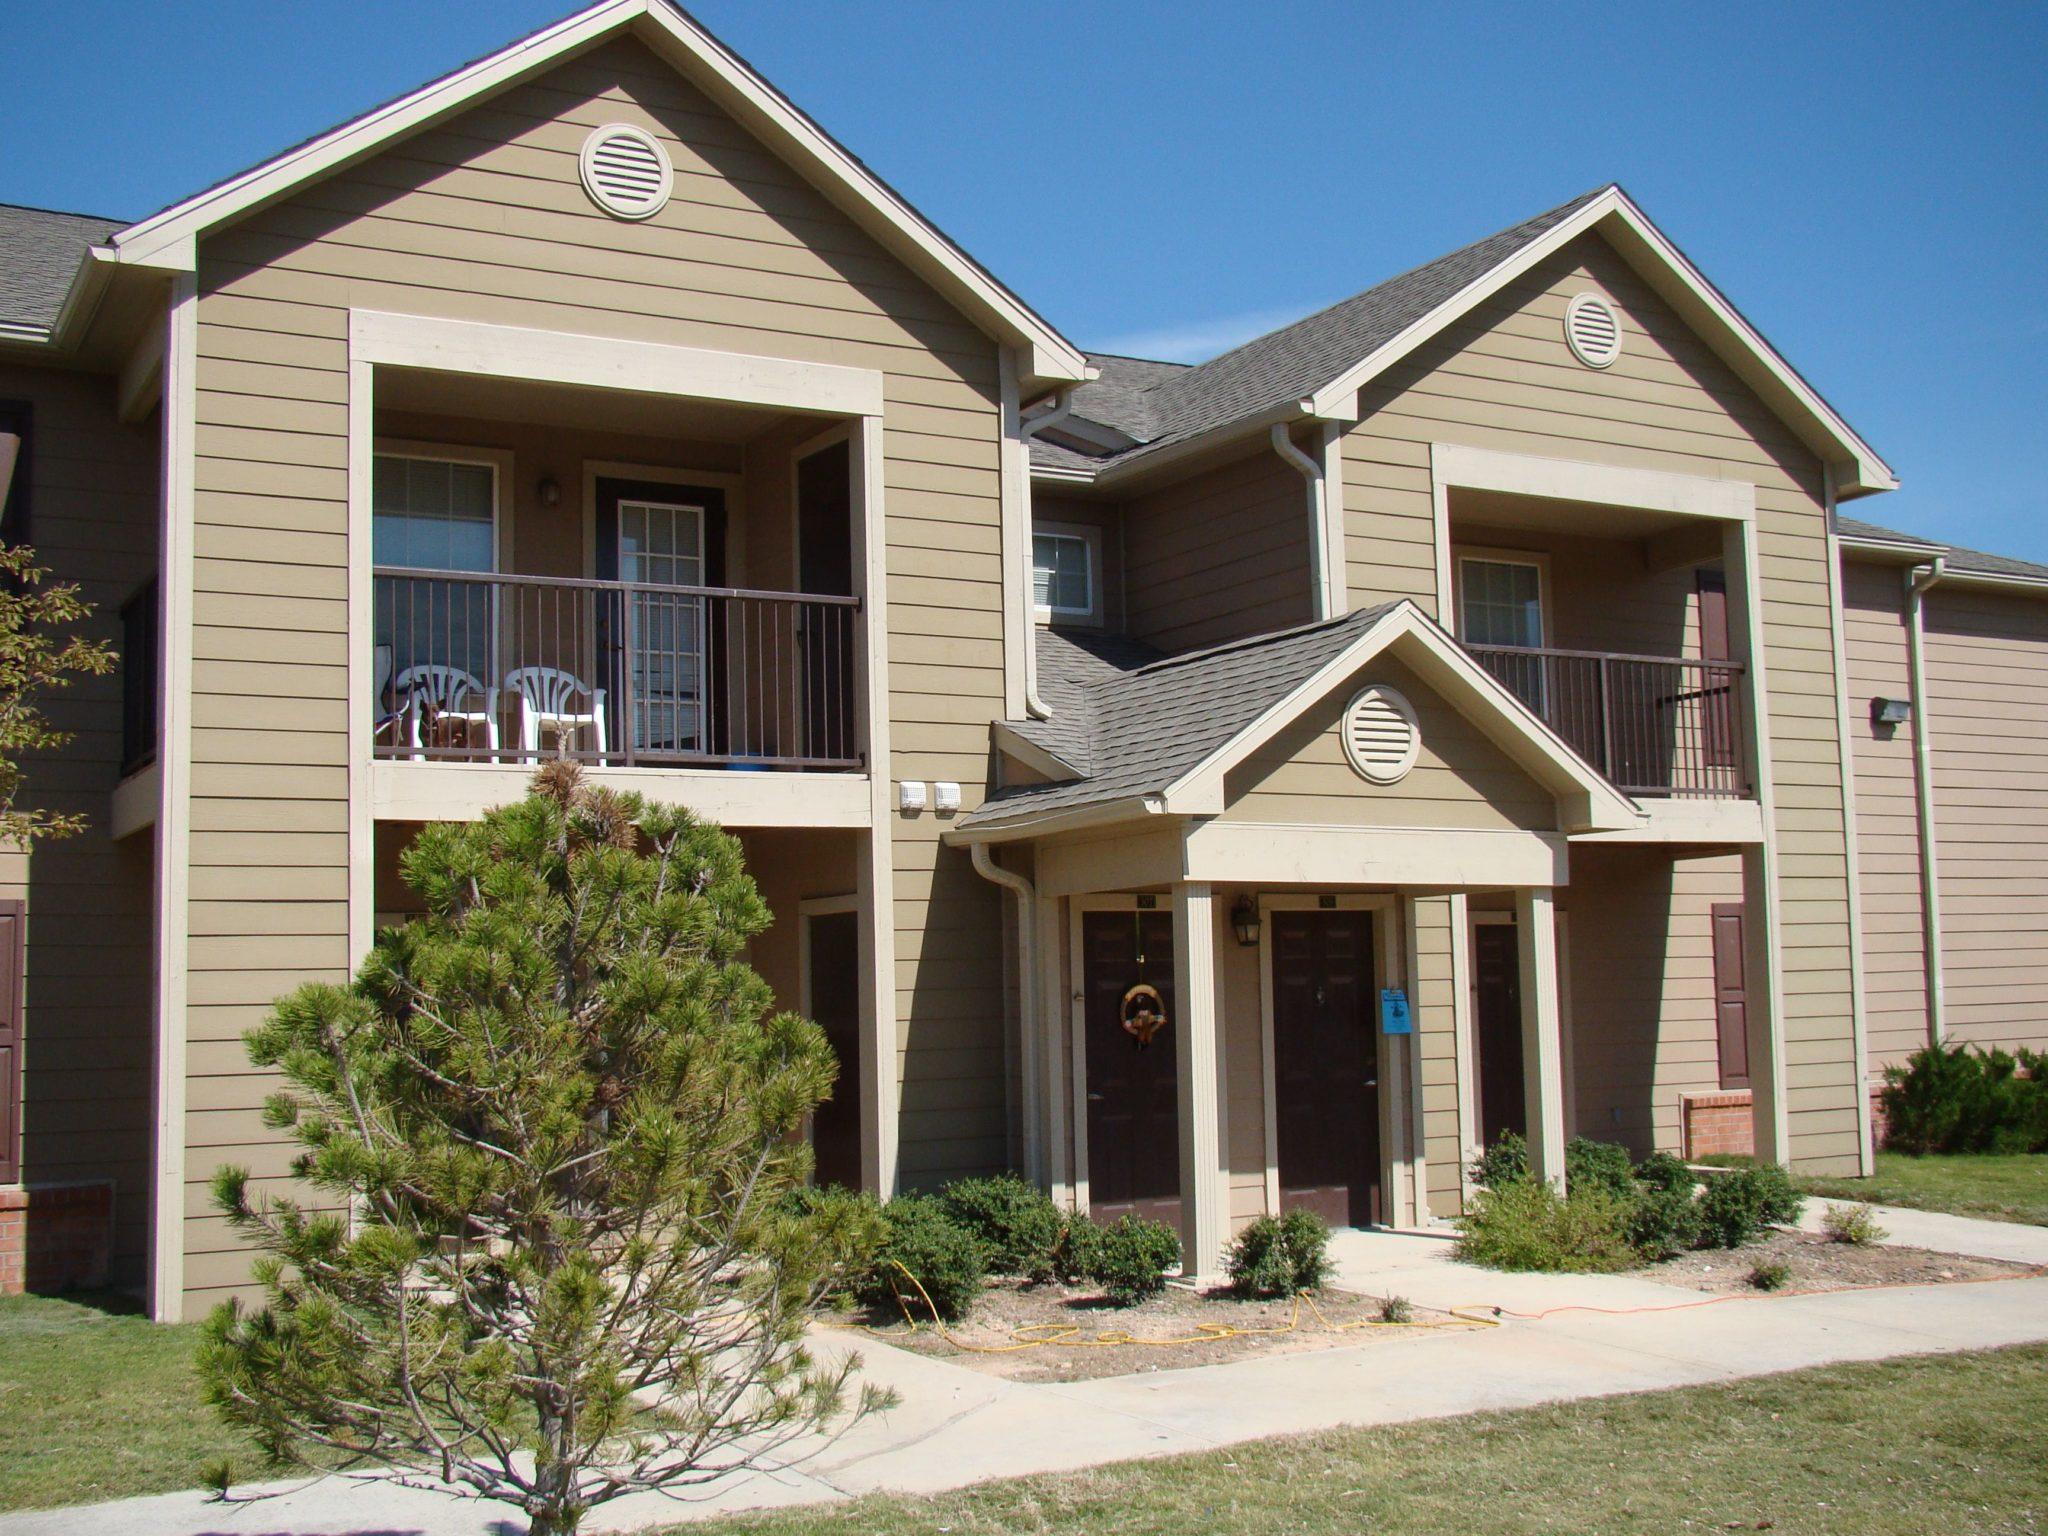 Knollwood-Heights-Big-Spring-Texas-bldg-1